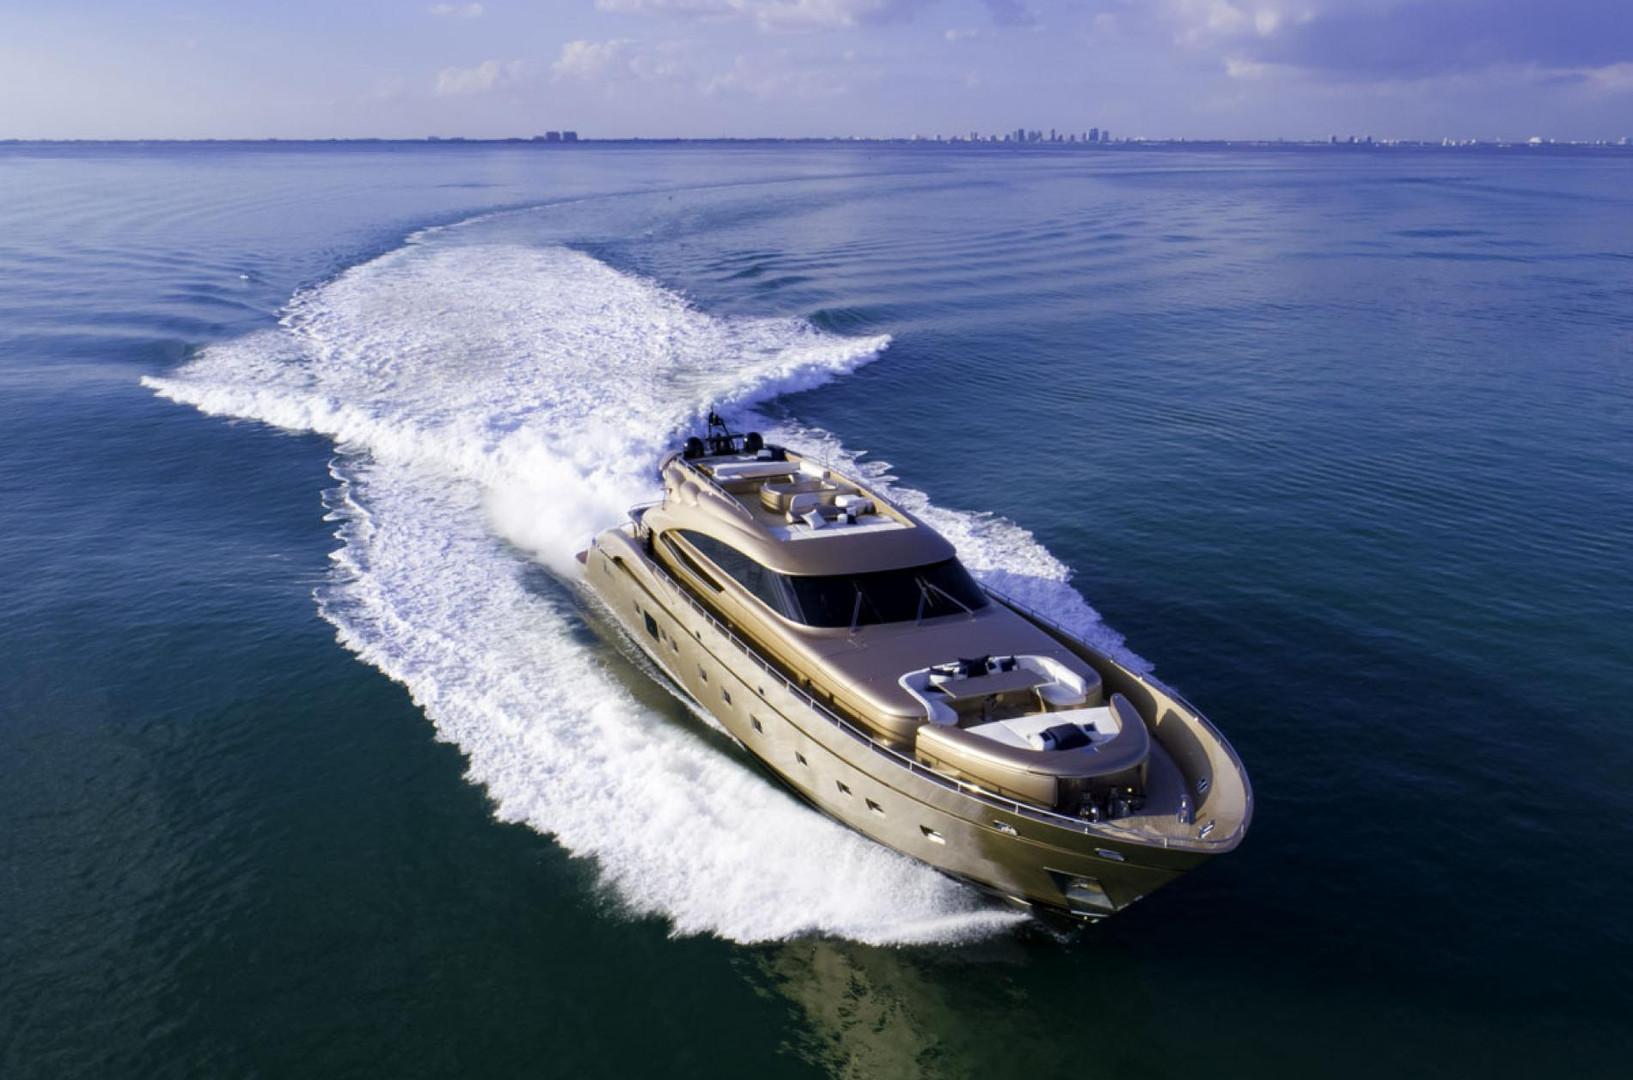 Yacht FIVE WAVES - underway